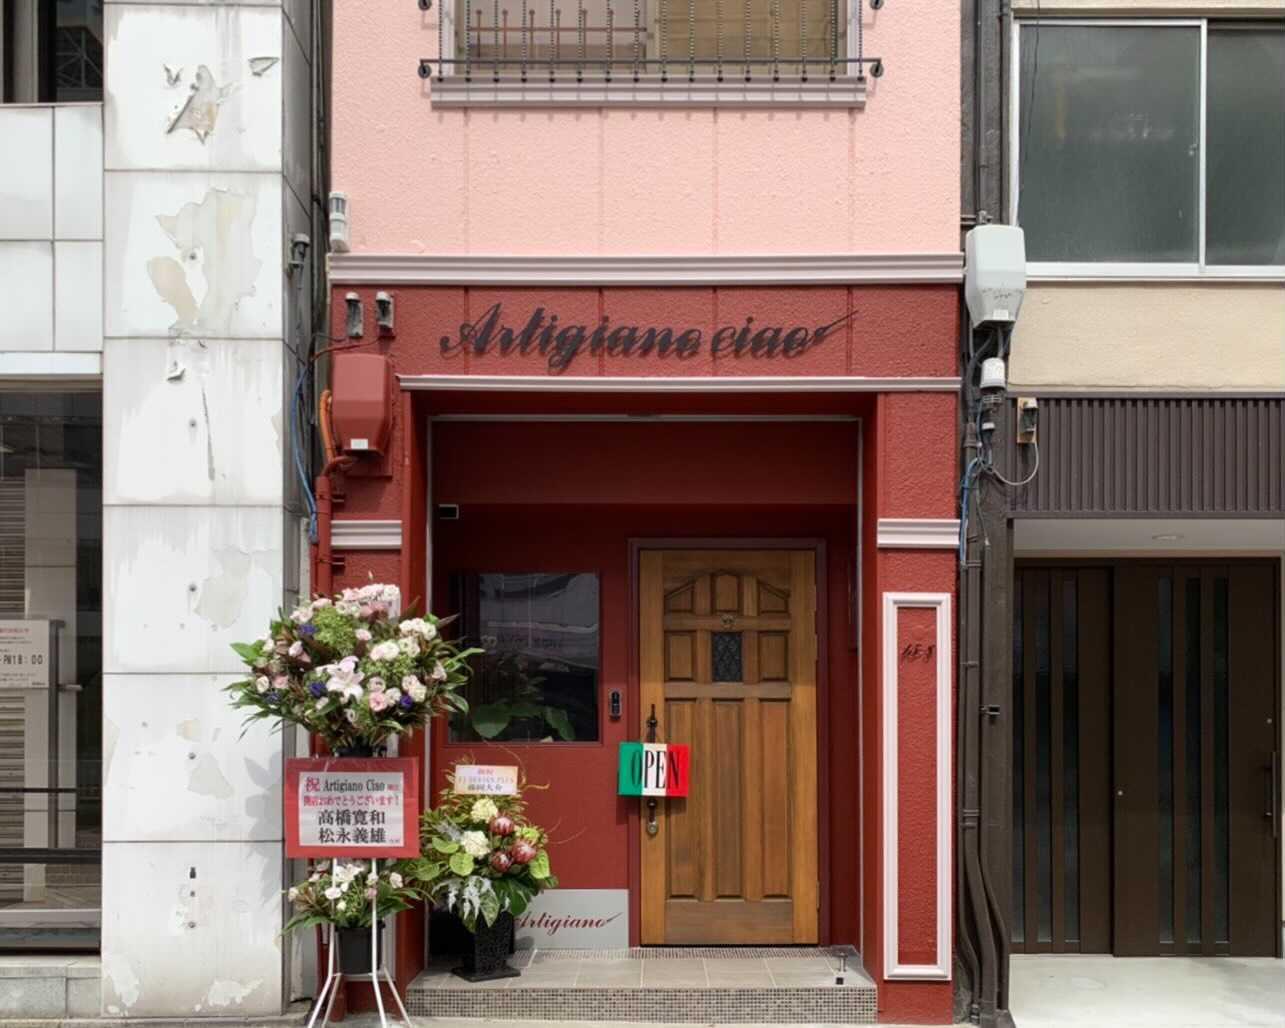 アルティジャーノチャオ名古屋本店